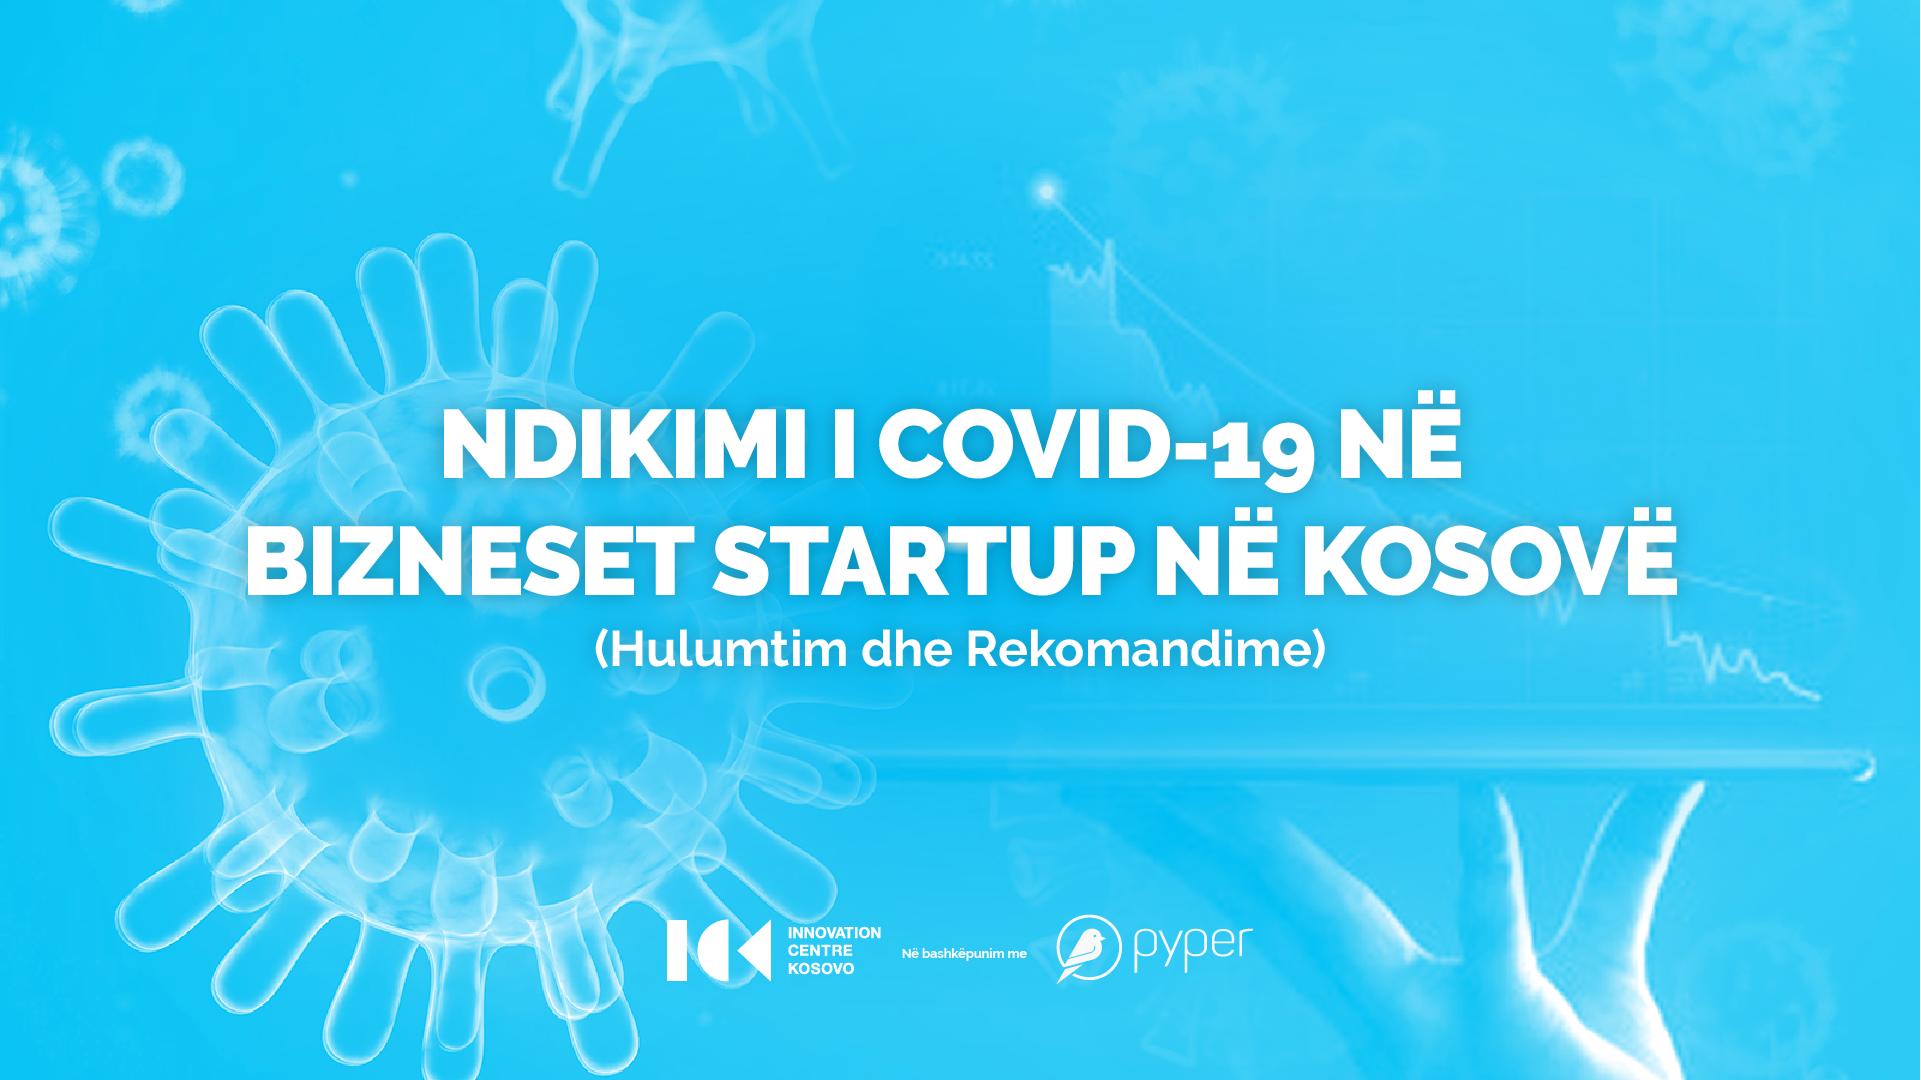 Bizneset startup përballë pandemisë COVID-19 në Kosovë (hulumtim dhe rekomandime)